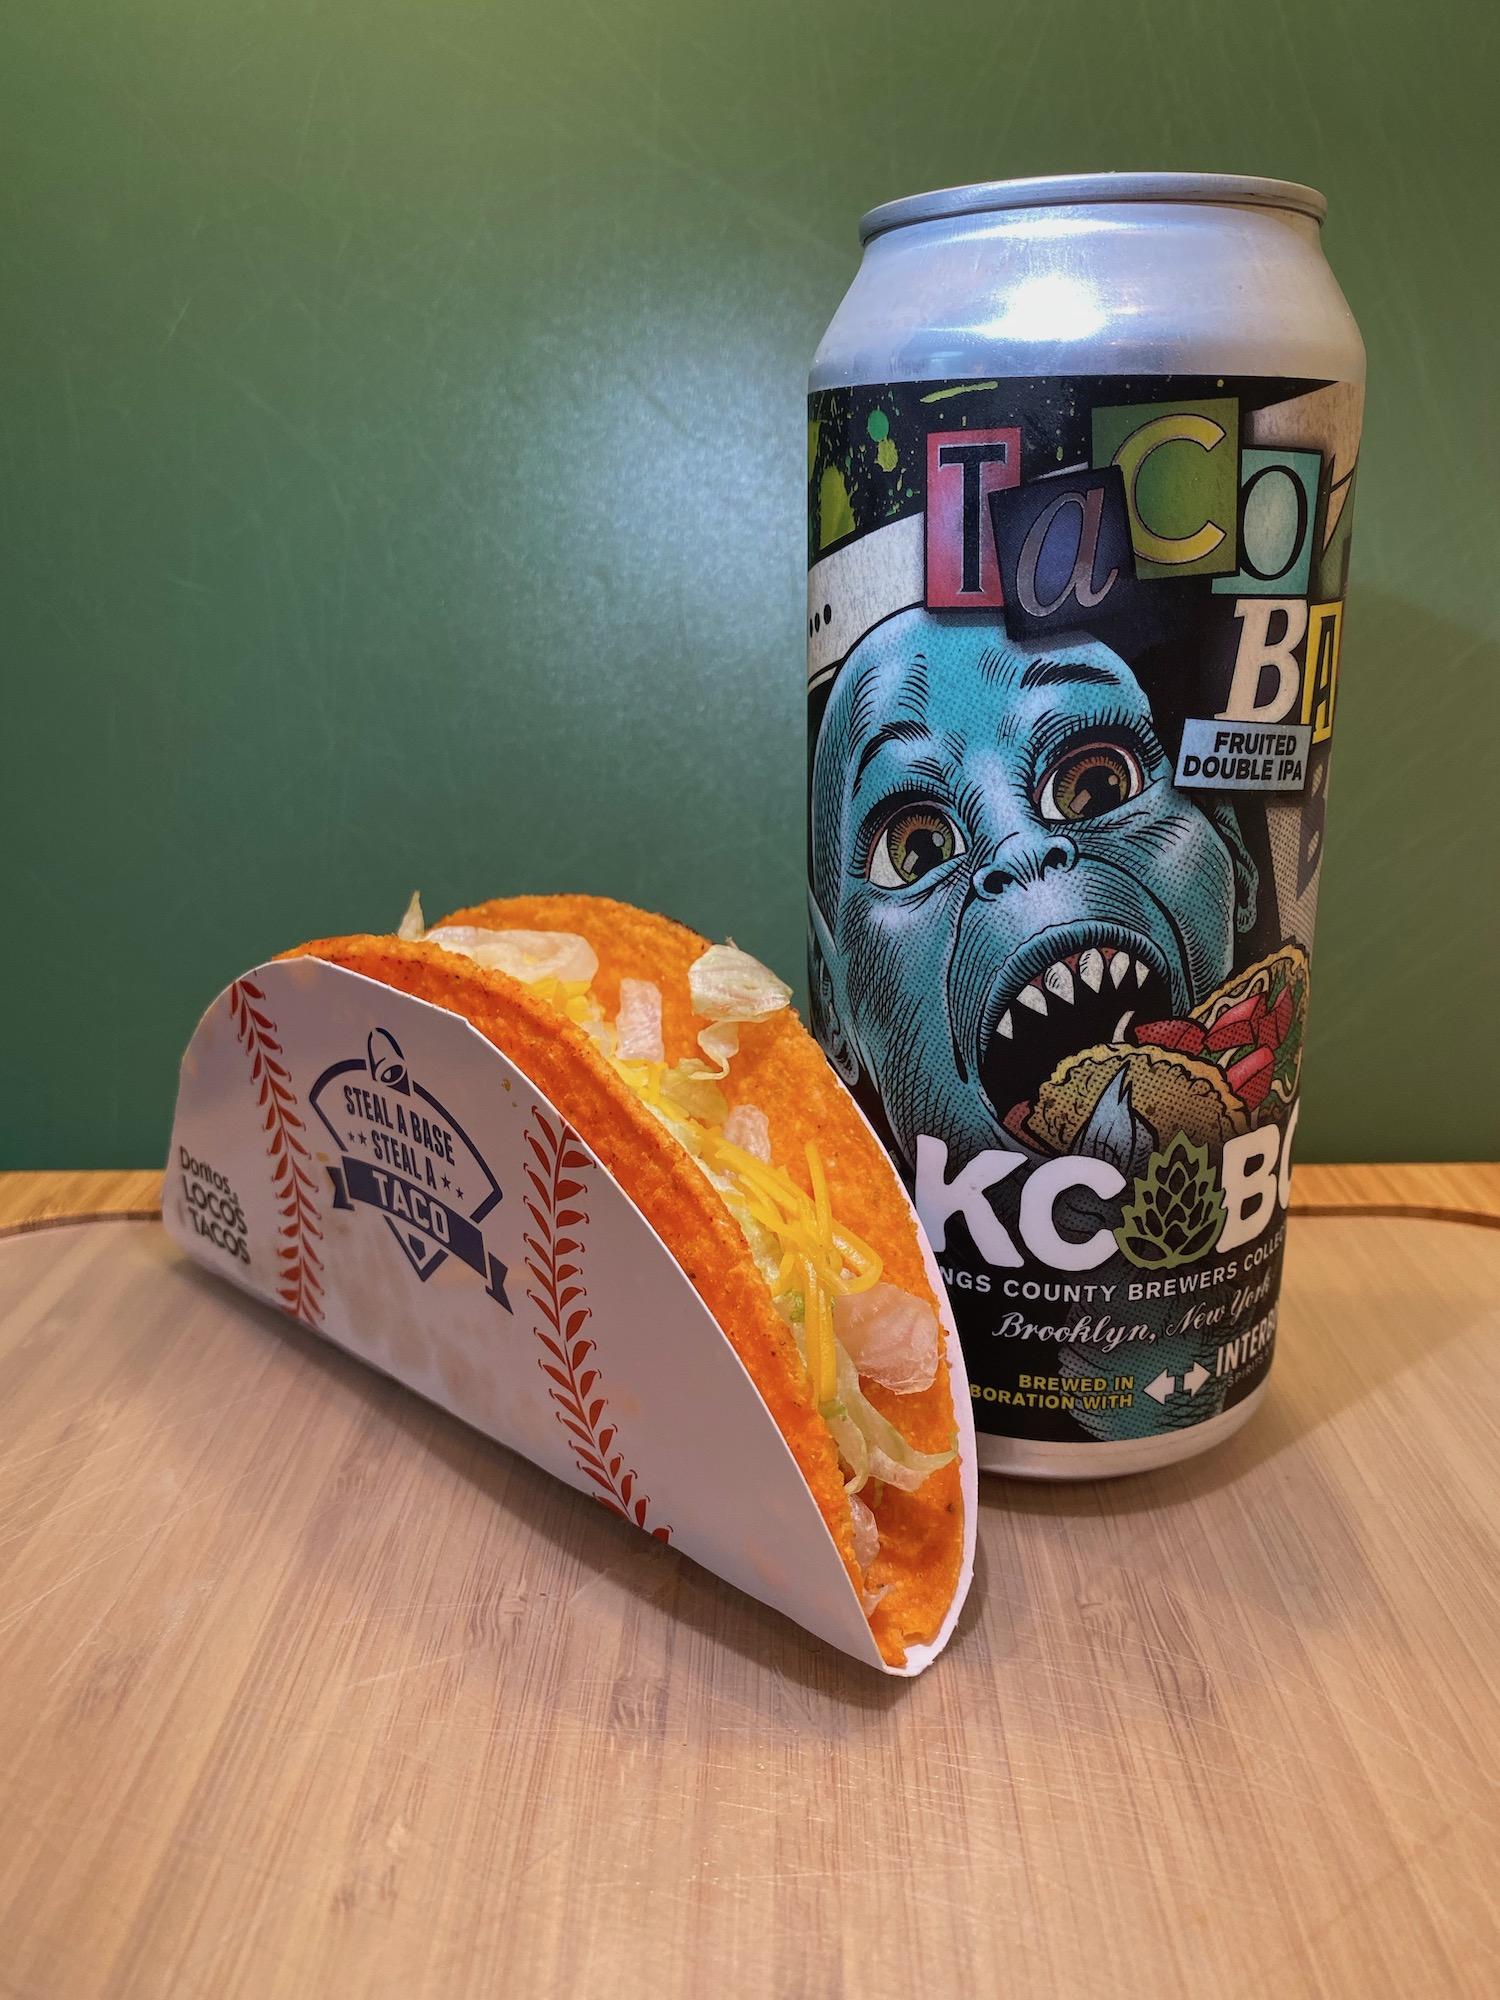 Taco Bat